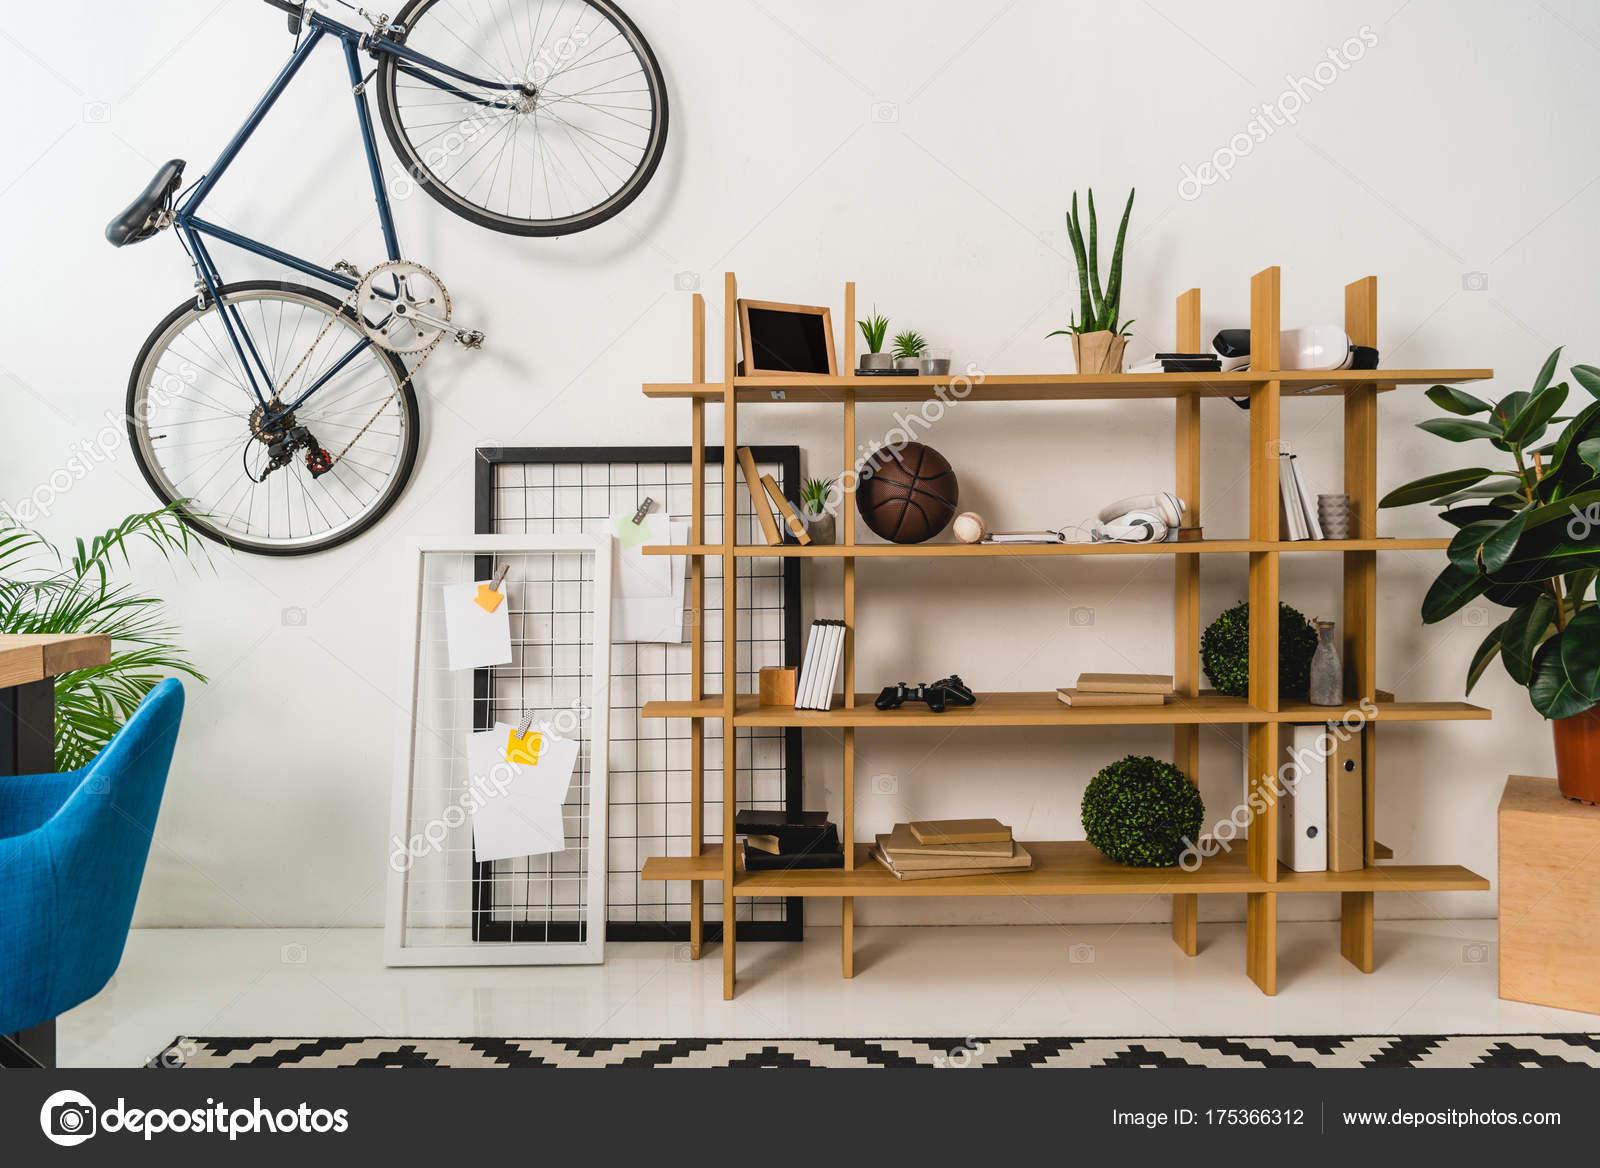 Muur Planken Aan De Muur.Fiets Muur Planken Met Spullen Thuis Stockfoto